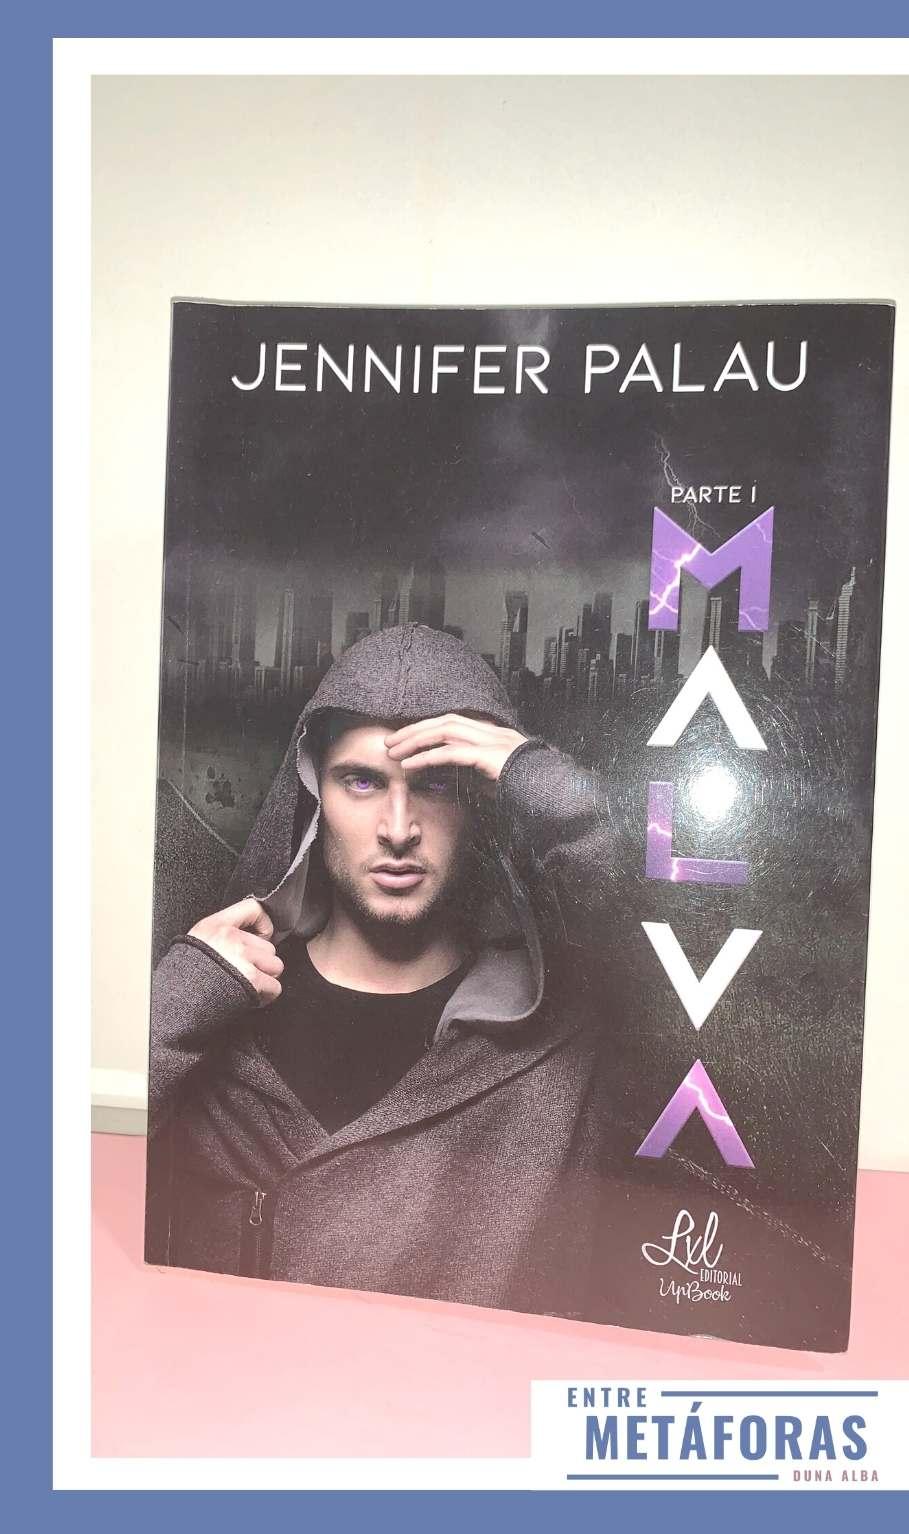 Malva, de Jennifer Palau - Reseña